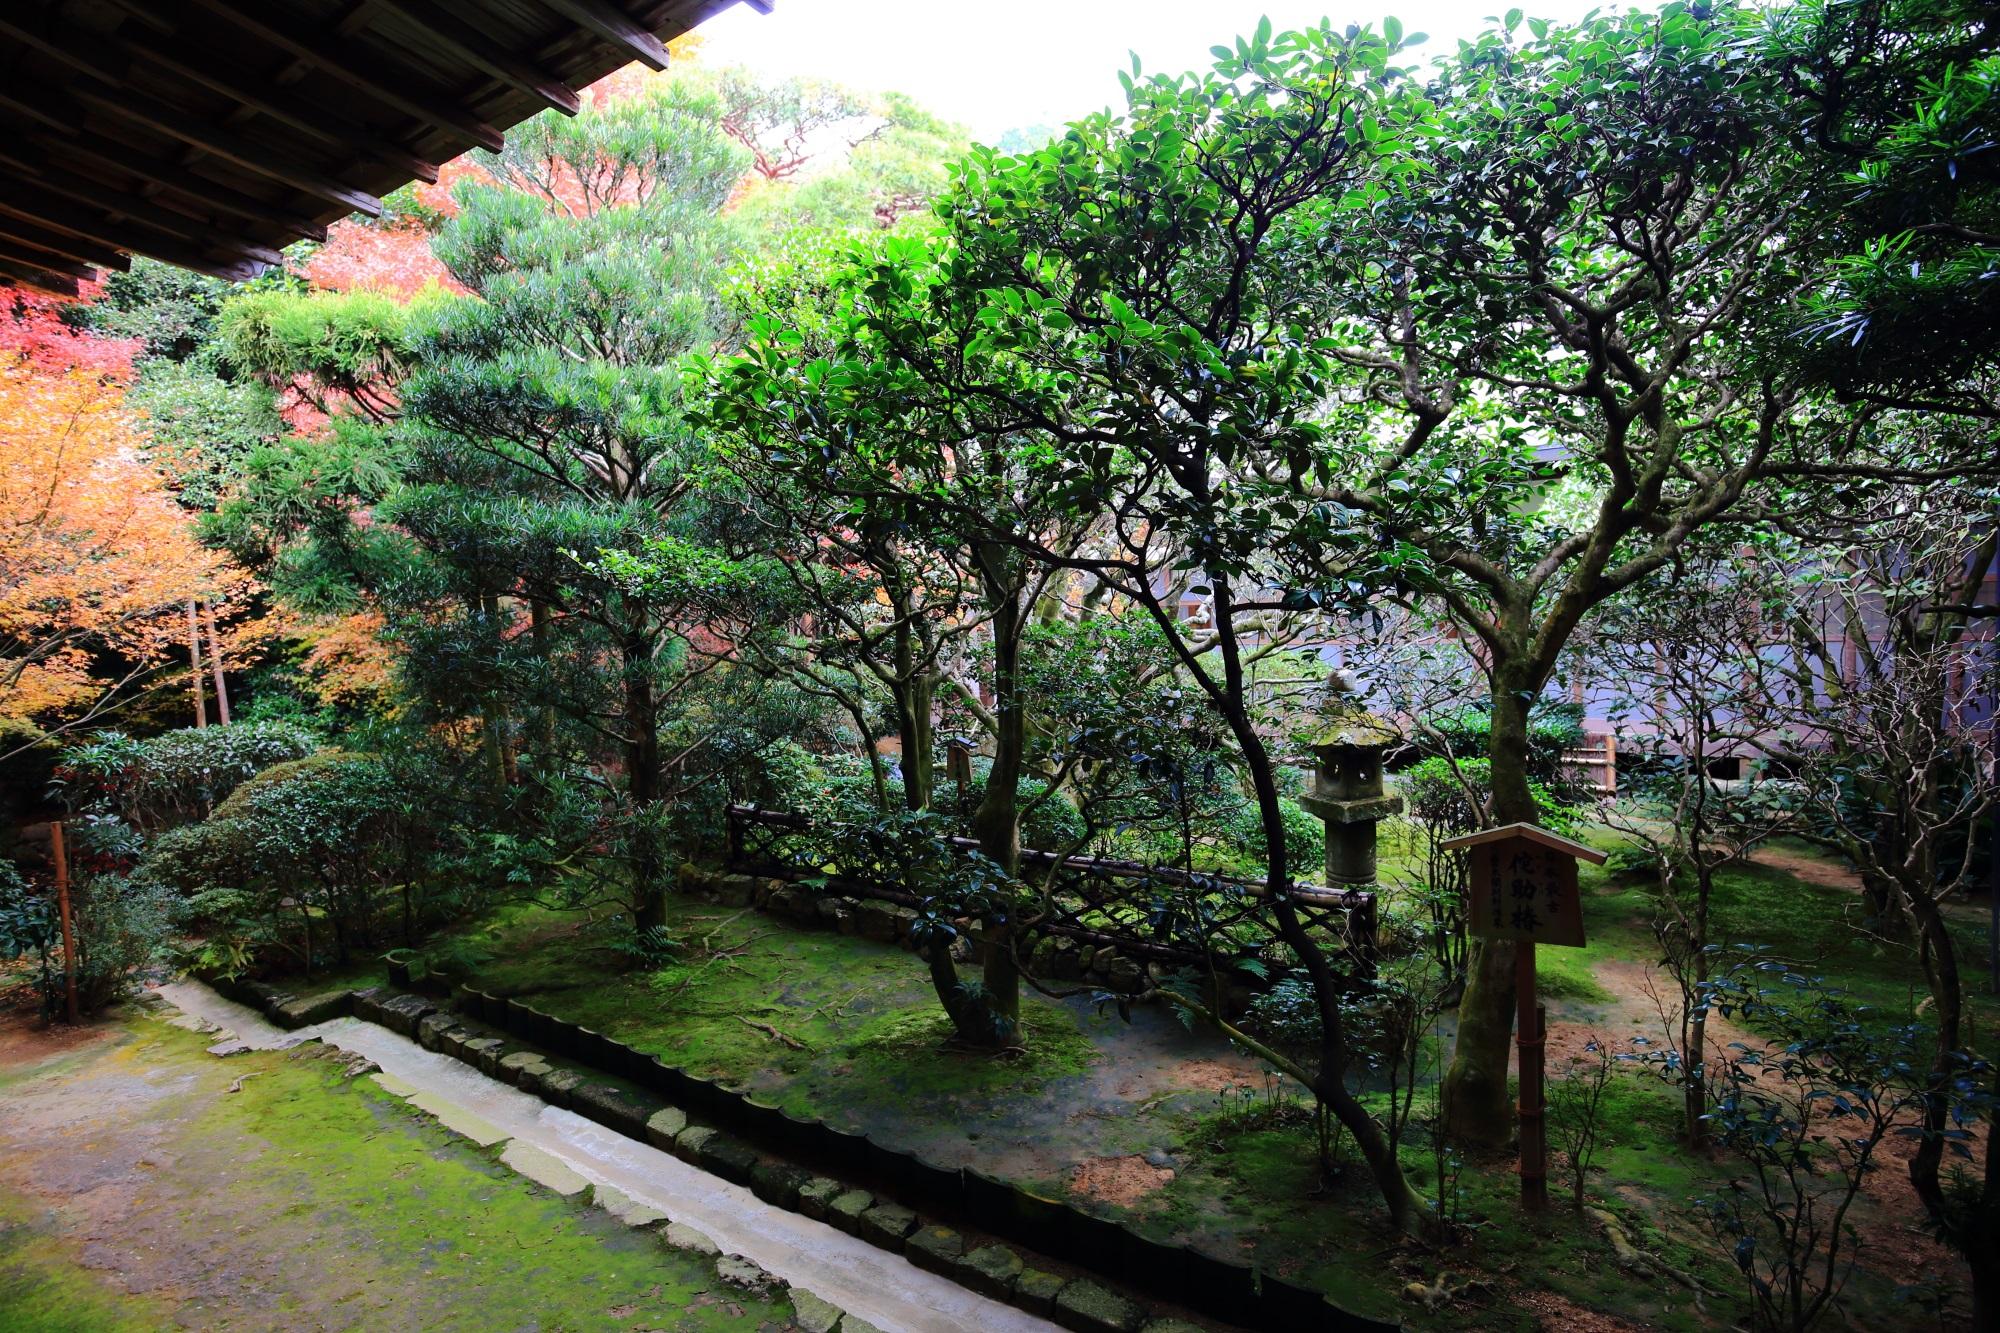 龍安寺の方丈の侘助椿(わびすけつばき)